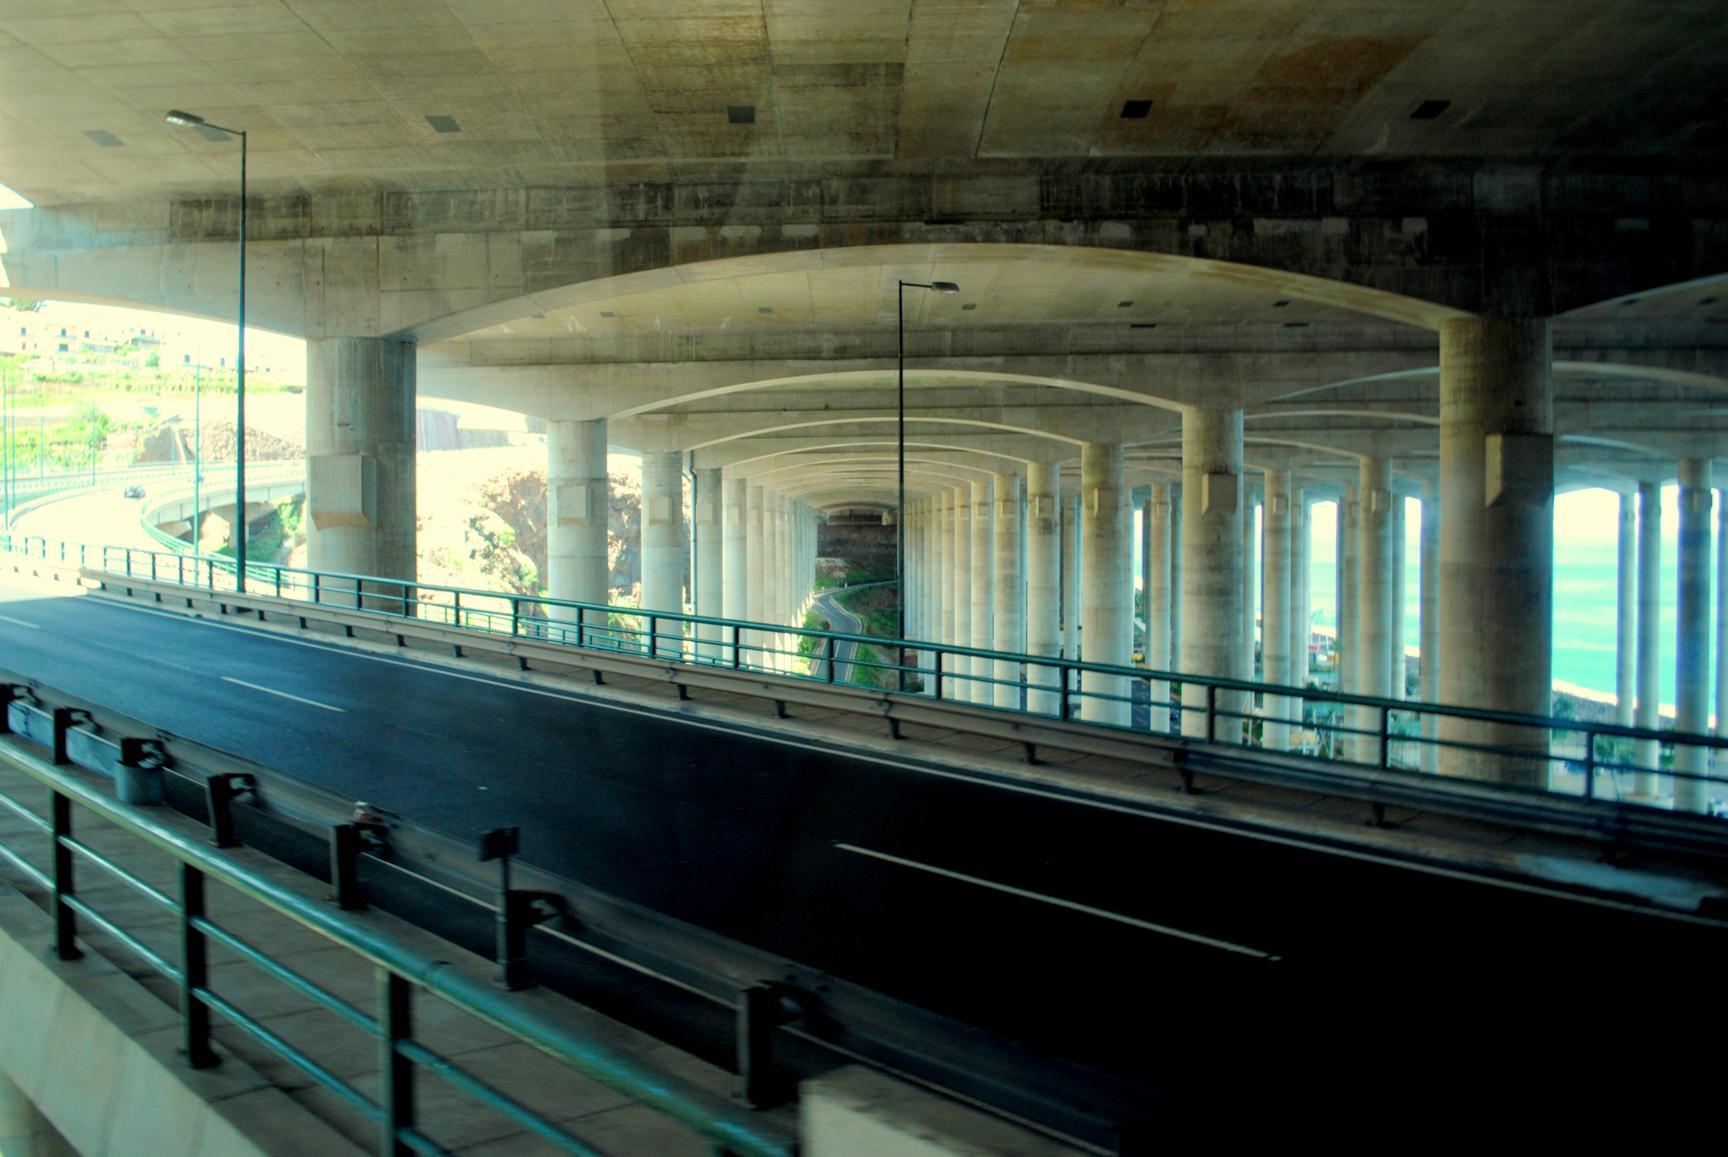 aeropuerto madeira_4